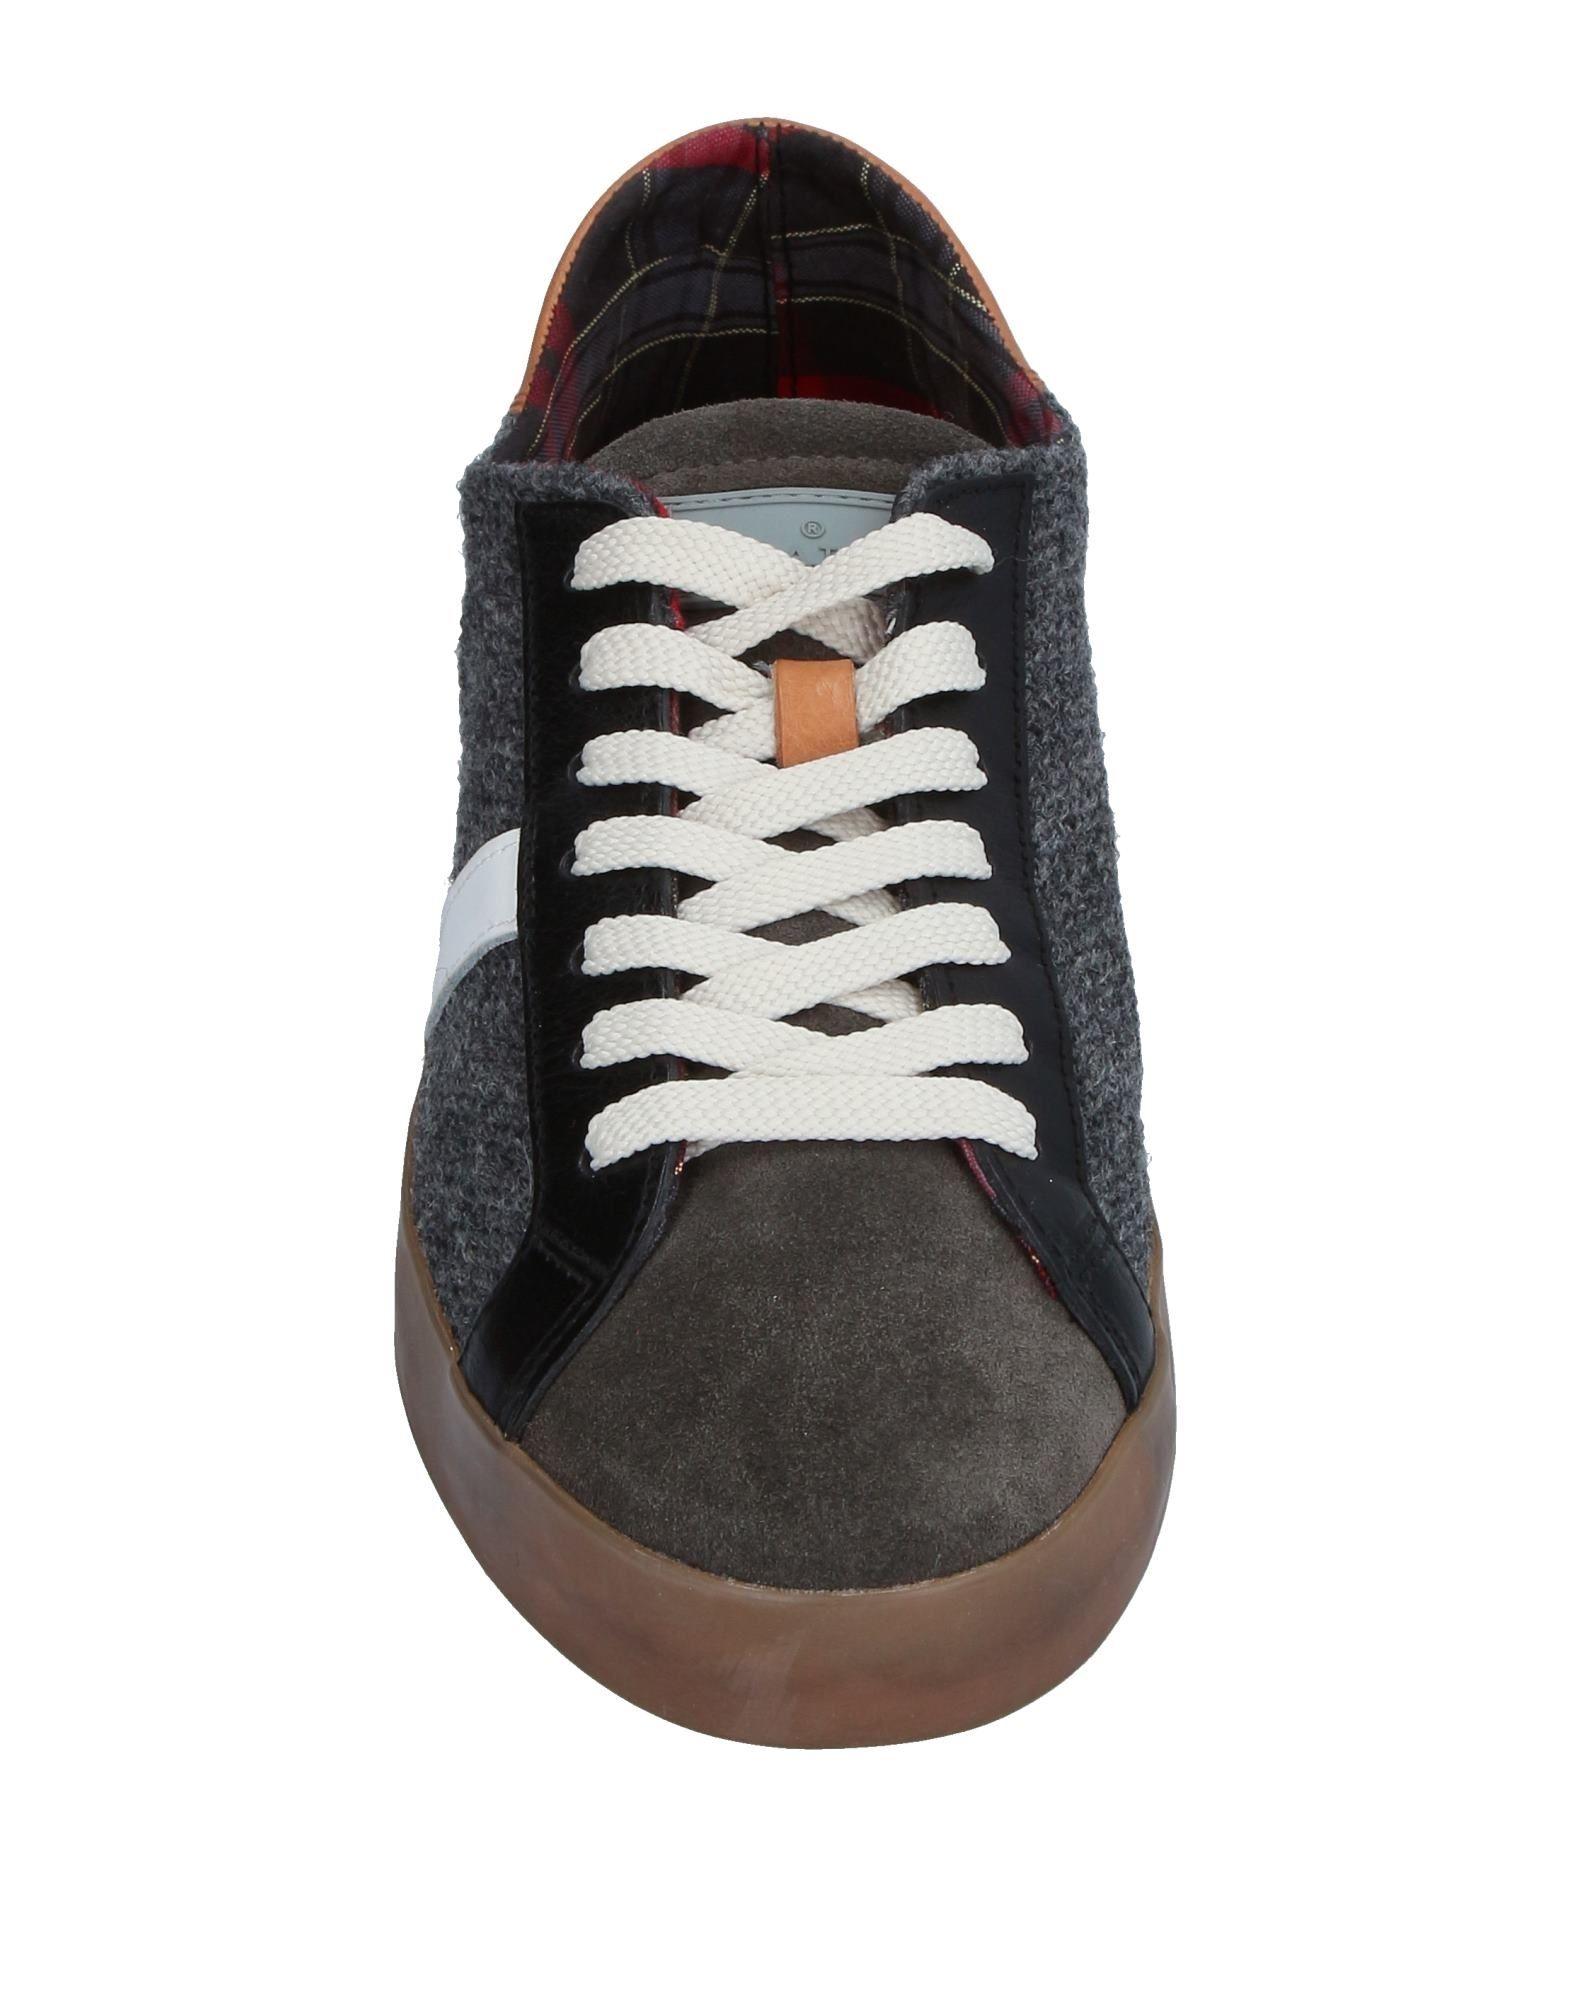 Rabatt Schuhe echte Schuhe Rabatt D.A.T.E. Sneakers Herren  11237606ES 3962a9